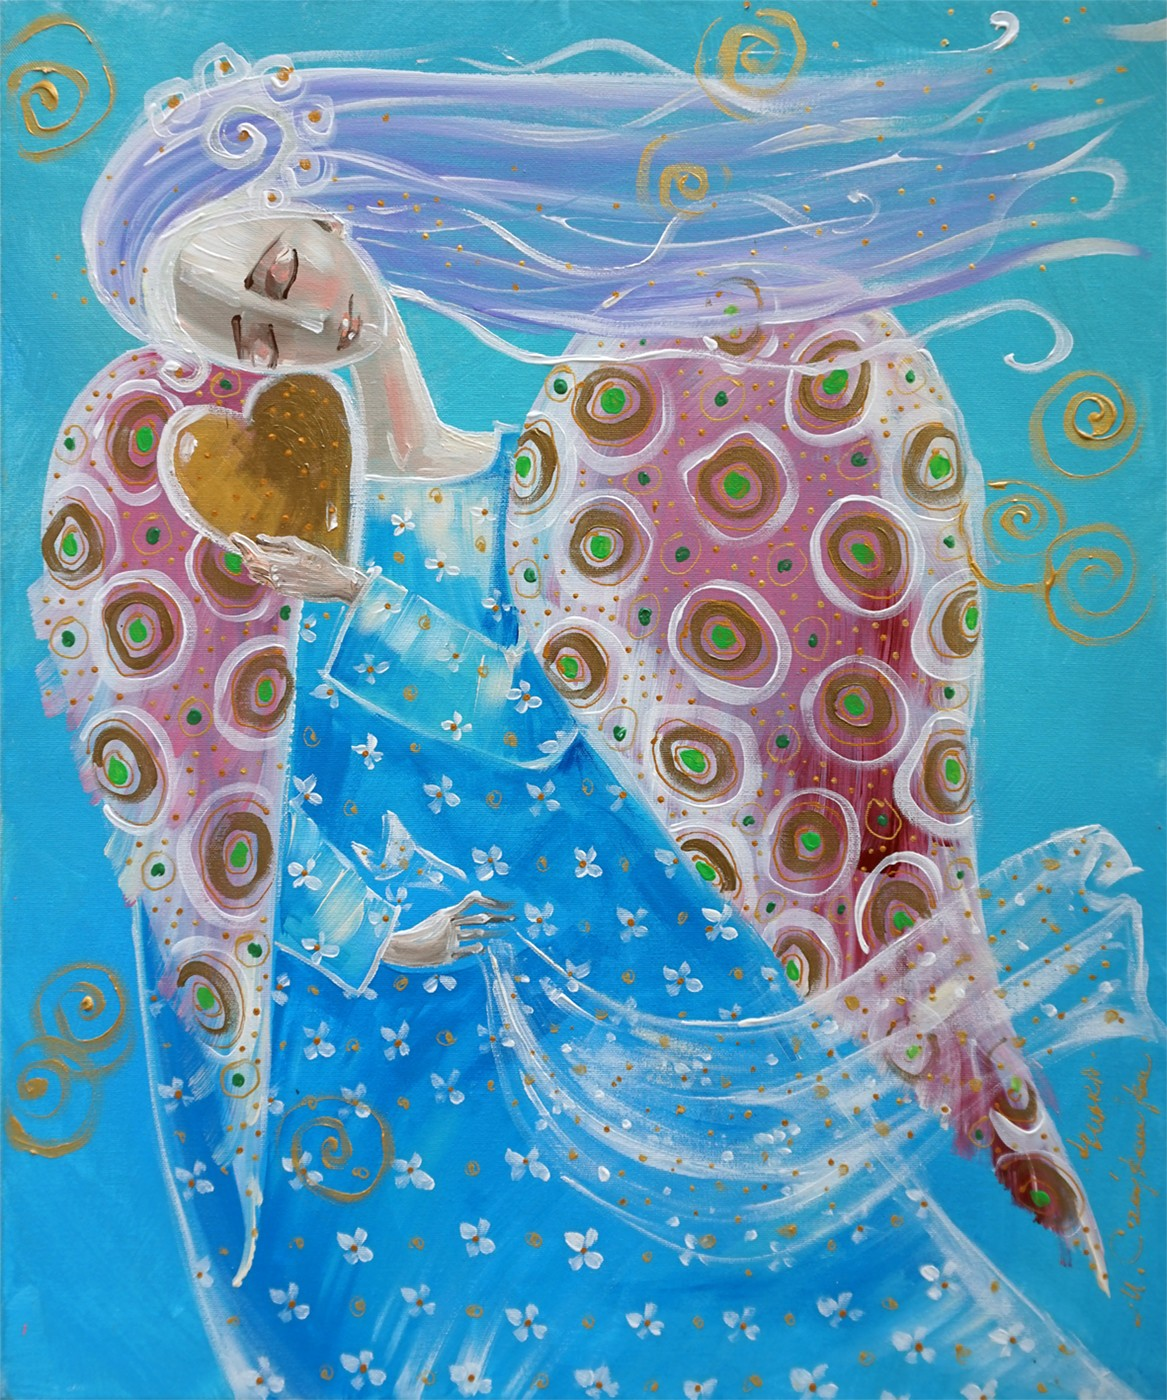 Miłość jest jak wiatr nie widzisz jej a czujesz